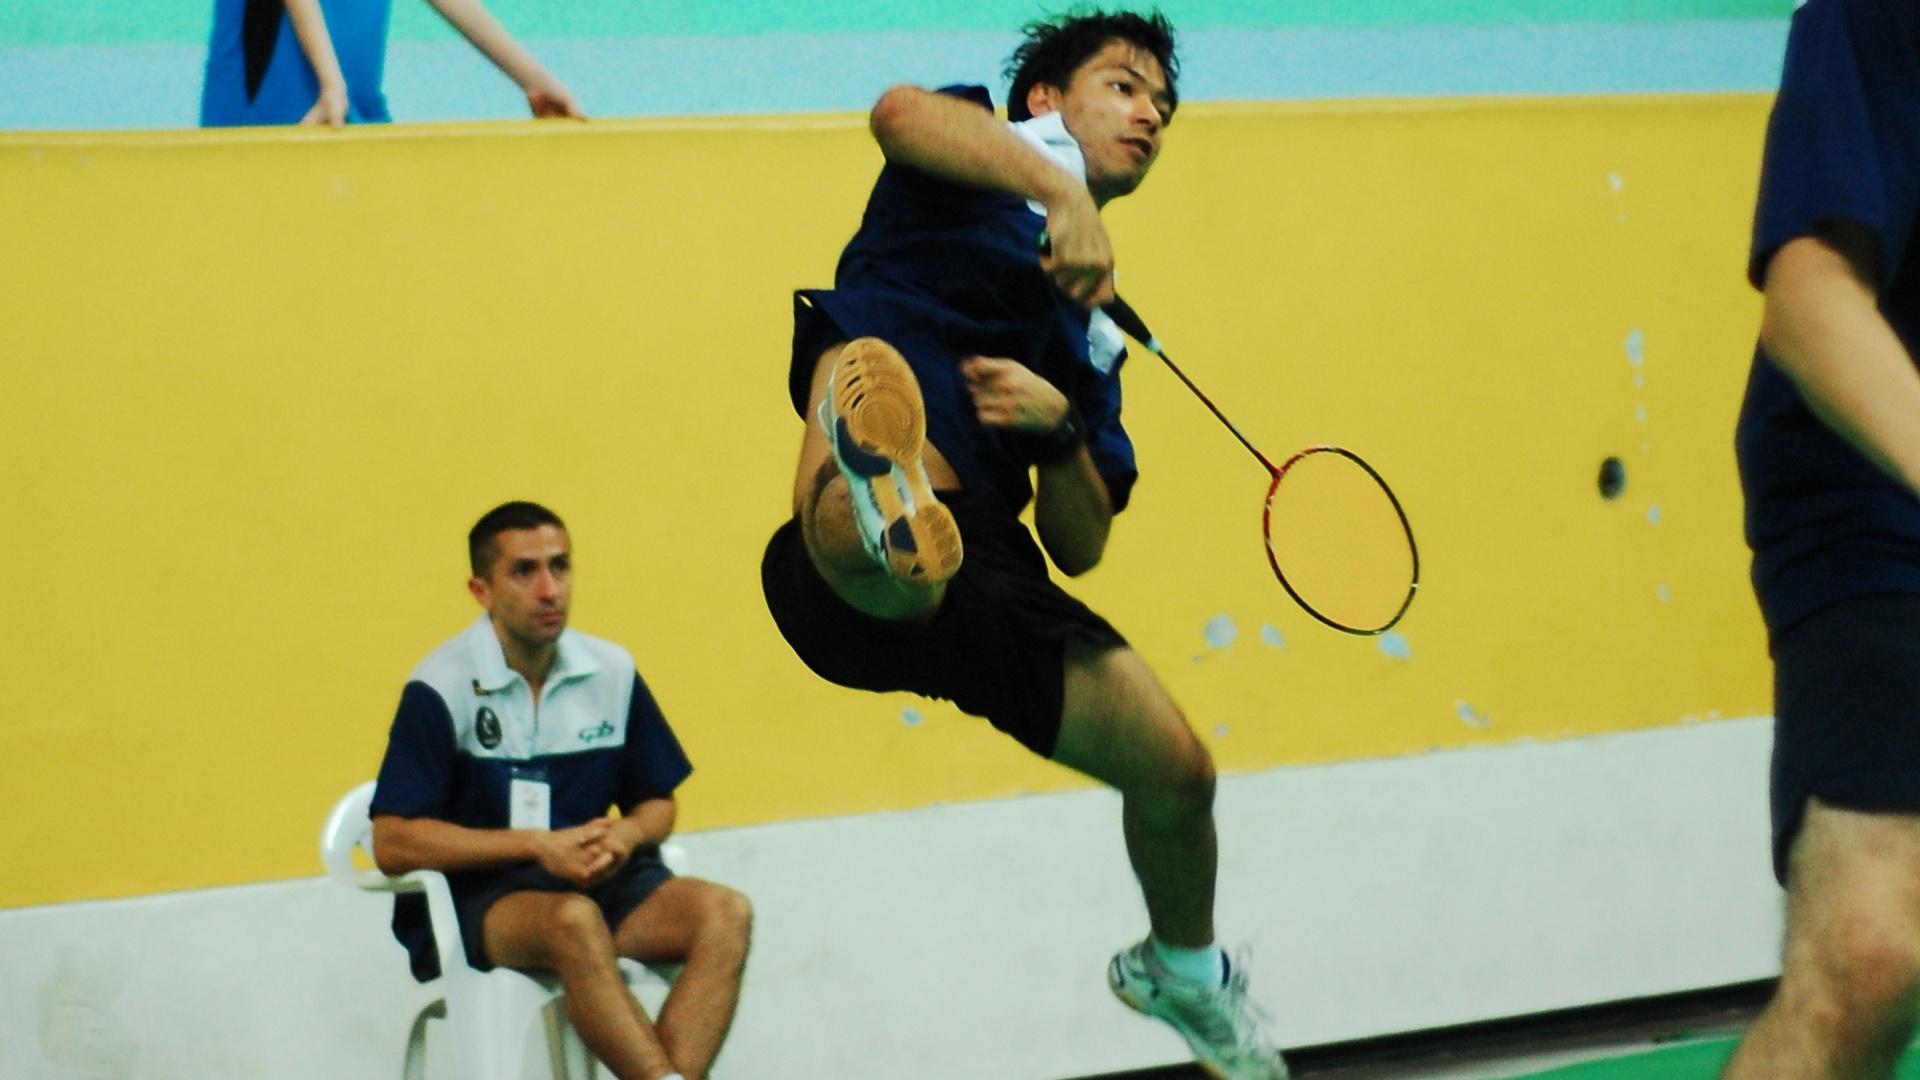 Você Manda: Glynton Nakashima jogando o Torneio da Federação de Badminton do estado de São Paulo na cidade de Santo André